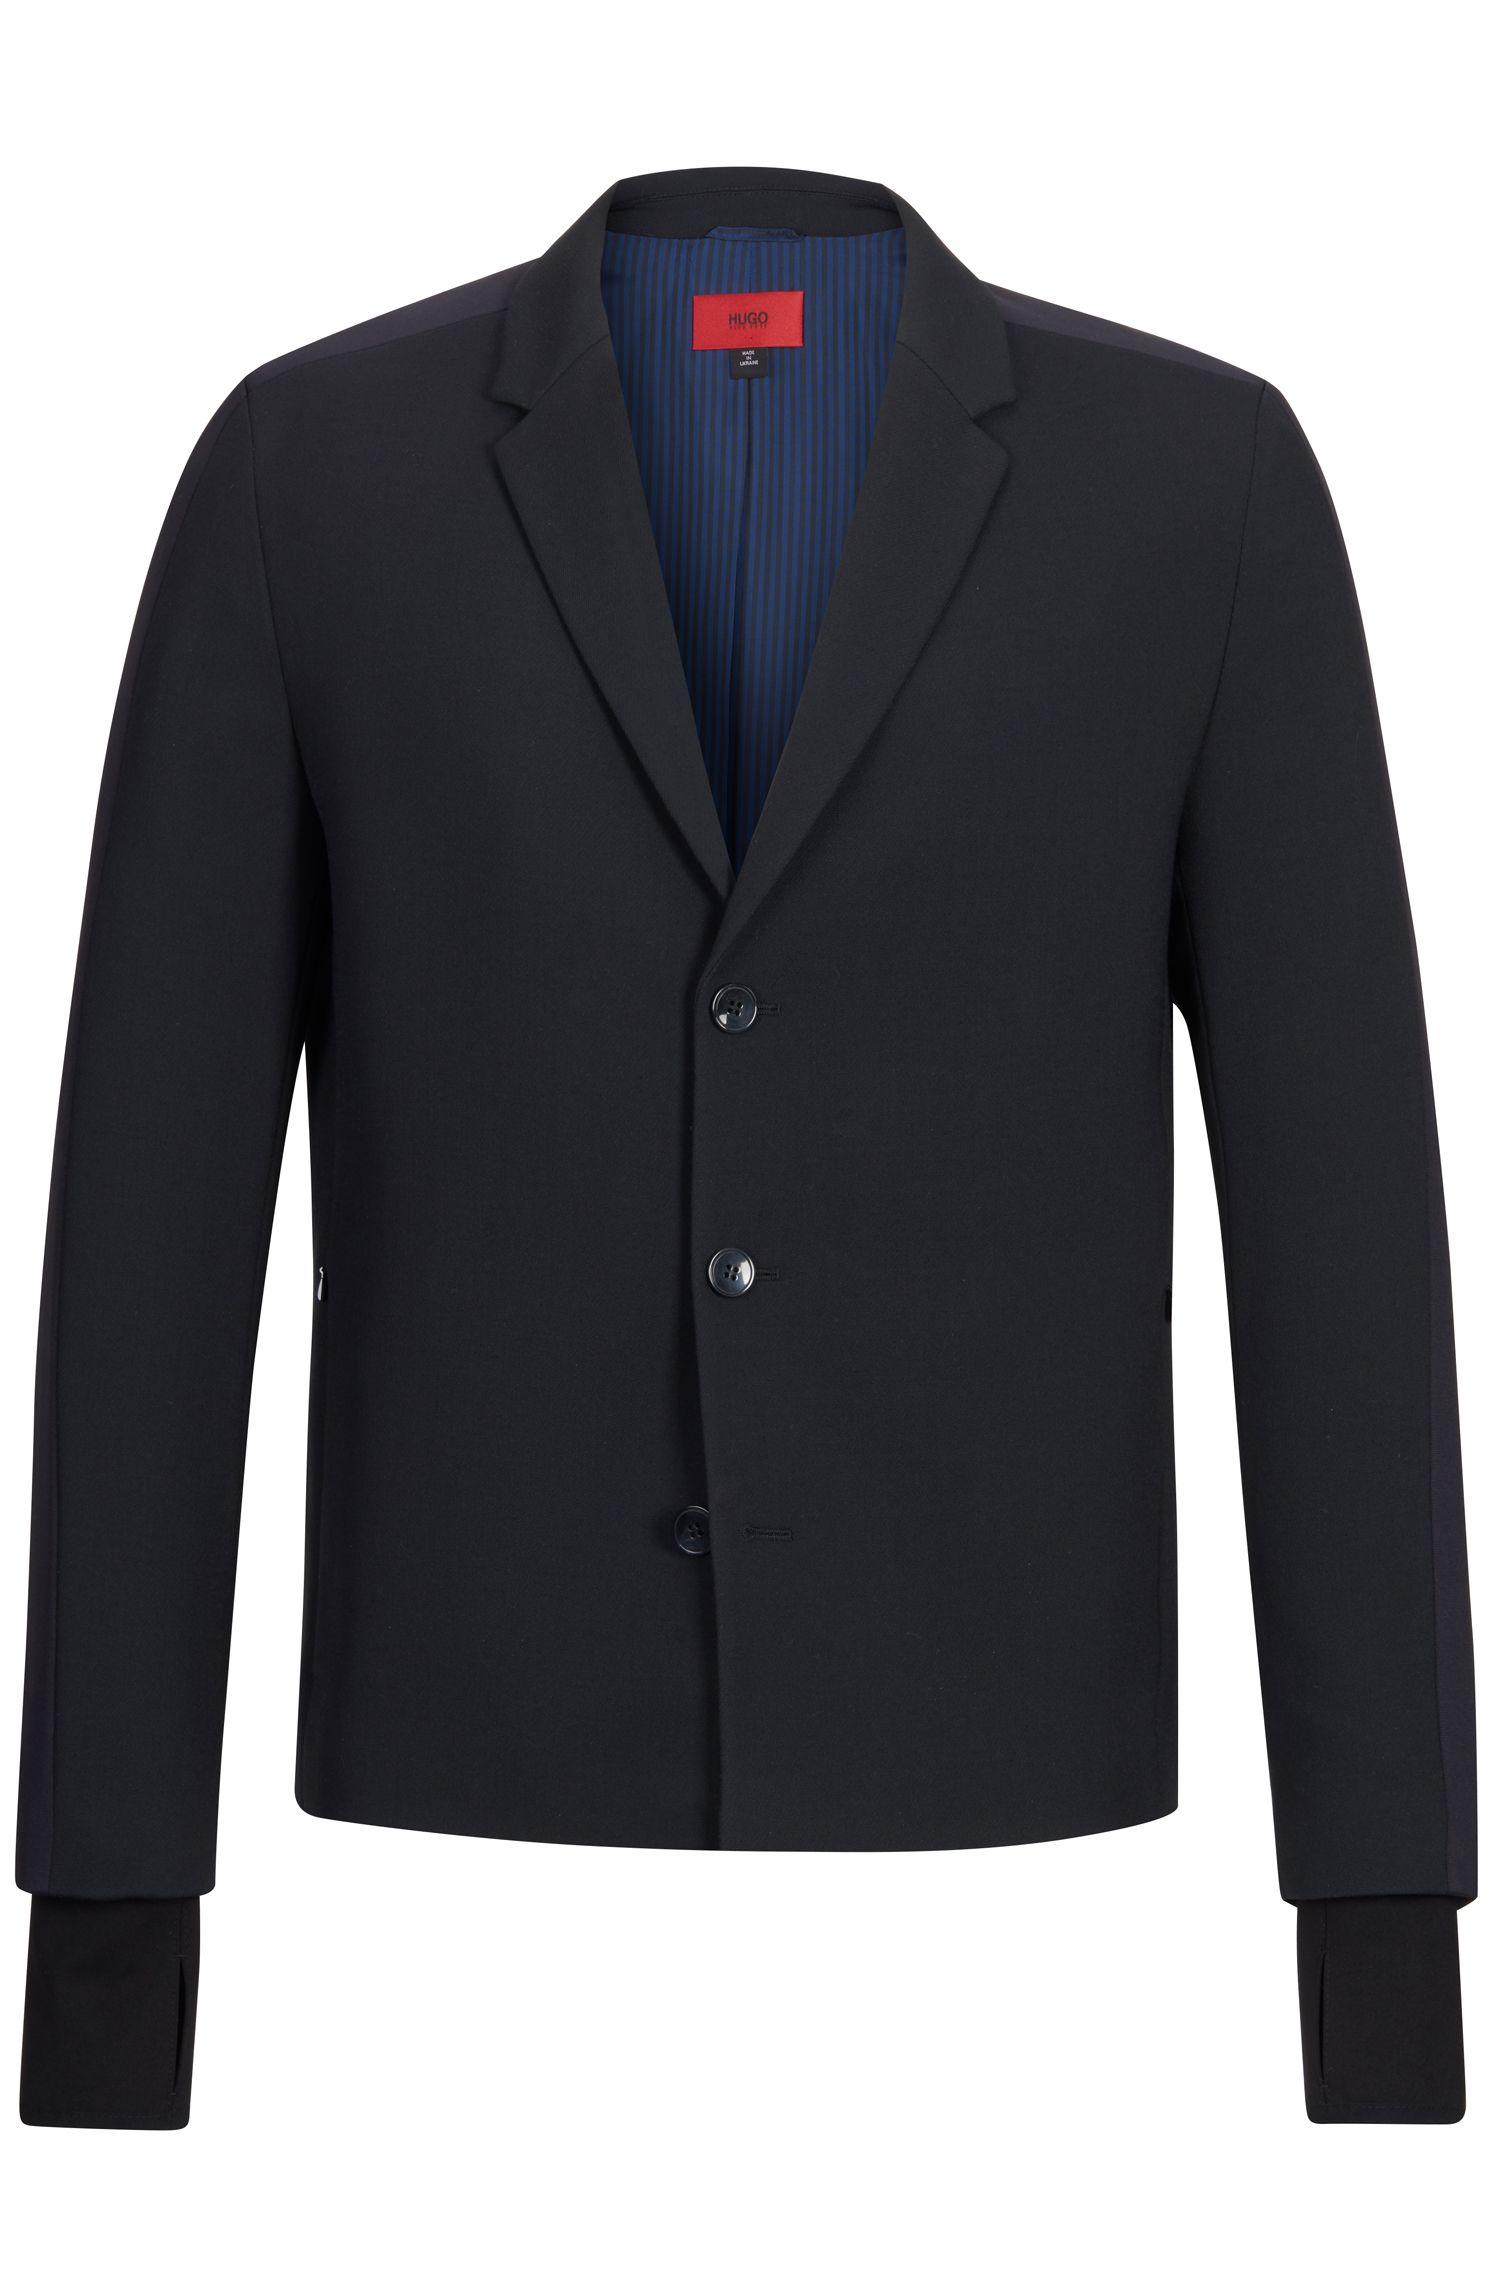 Virgin Wool Blend Sport Coat, Slim Fit | Alekto